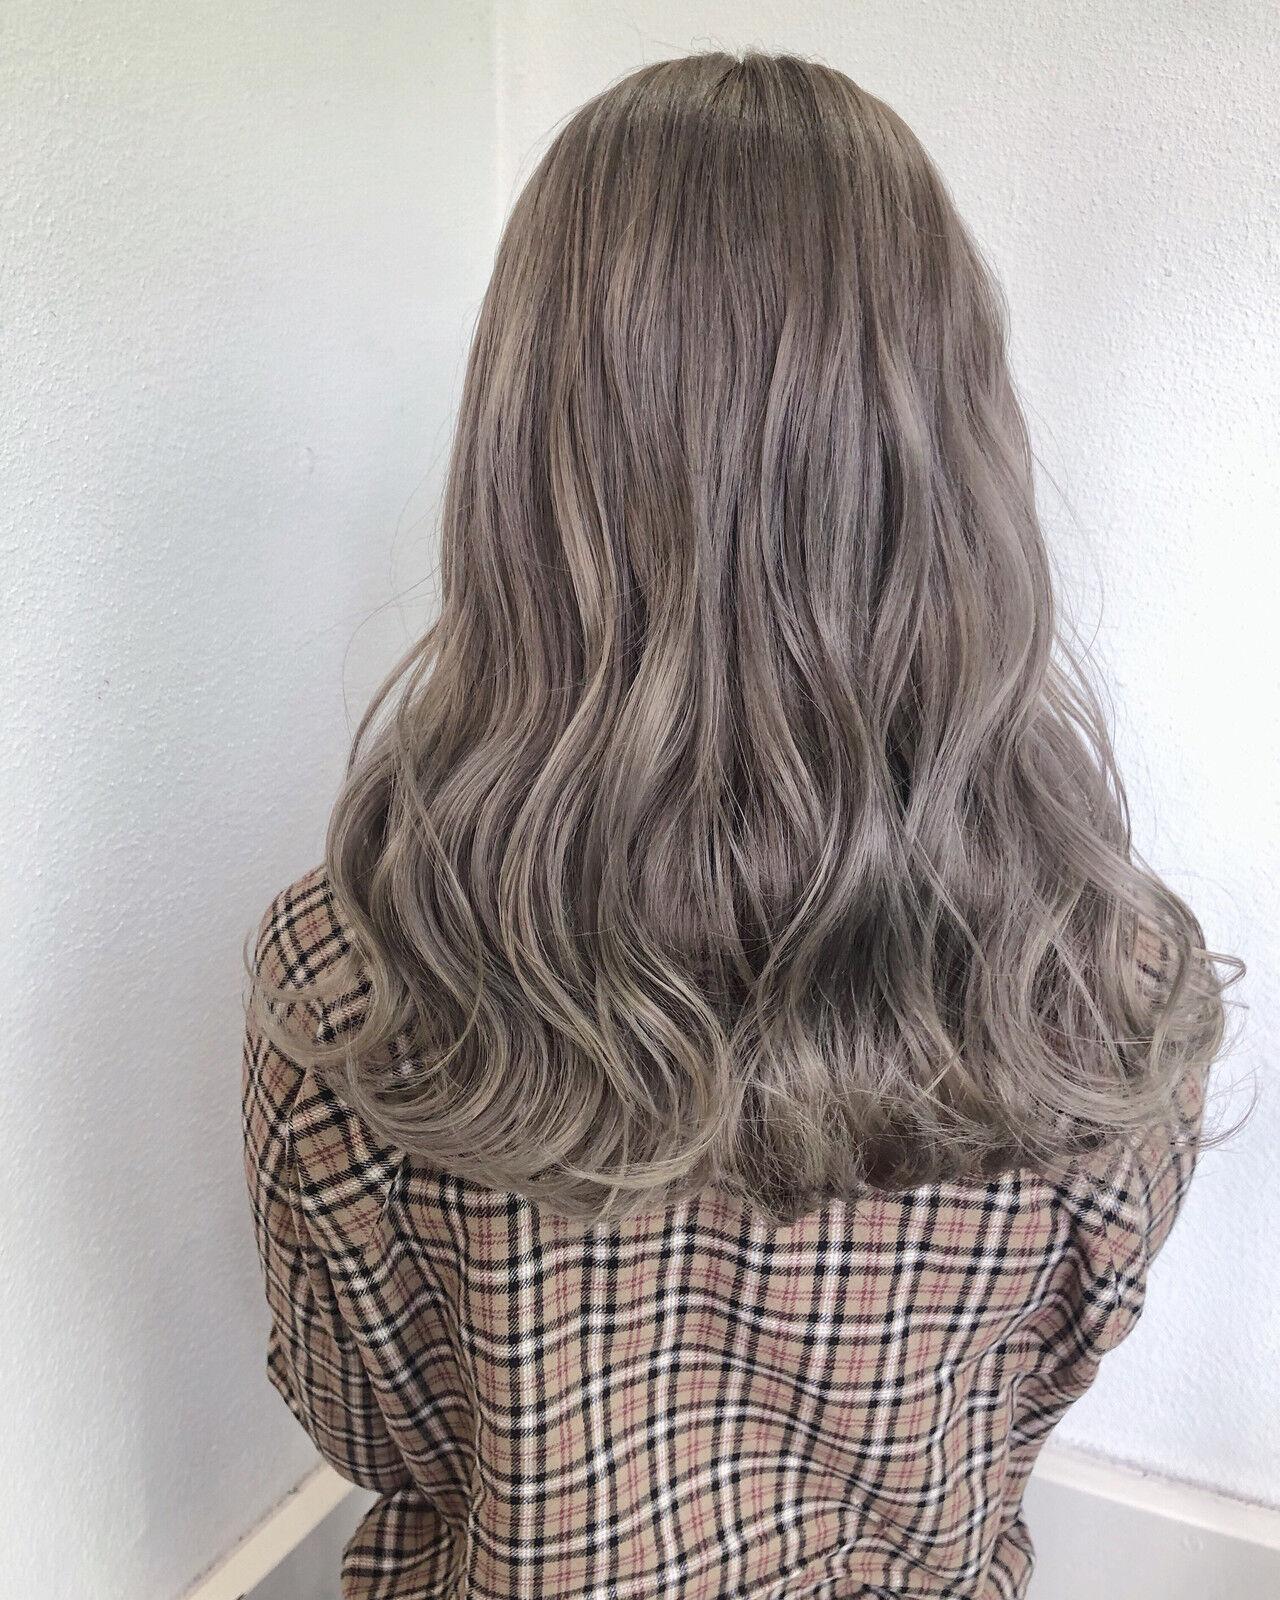 バレイヤージュ グラデーションカラー ガーリー ミディアムヘアスタイルや髪型の写真・画像